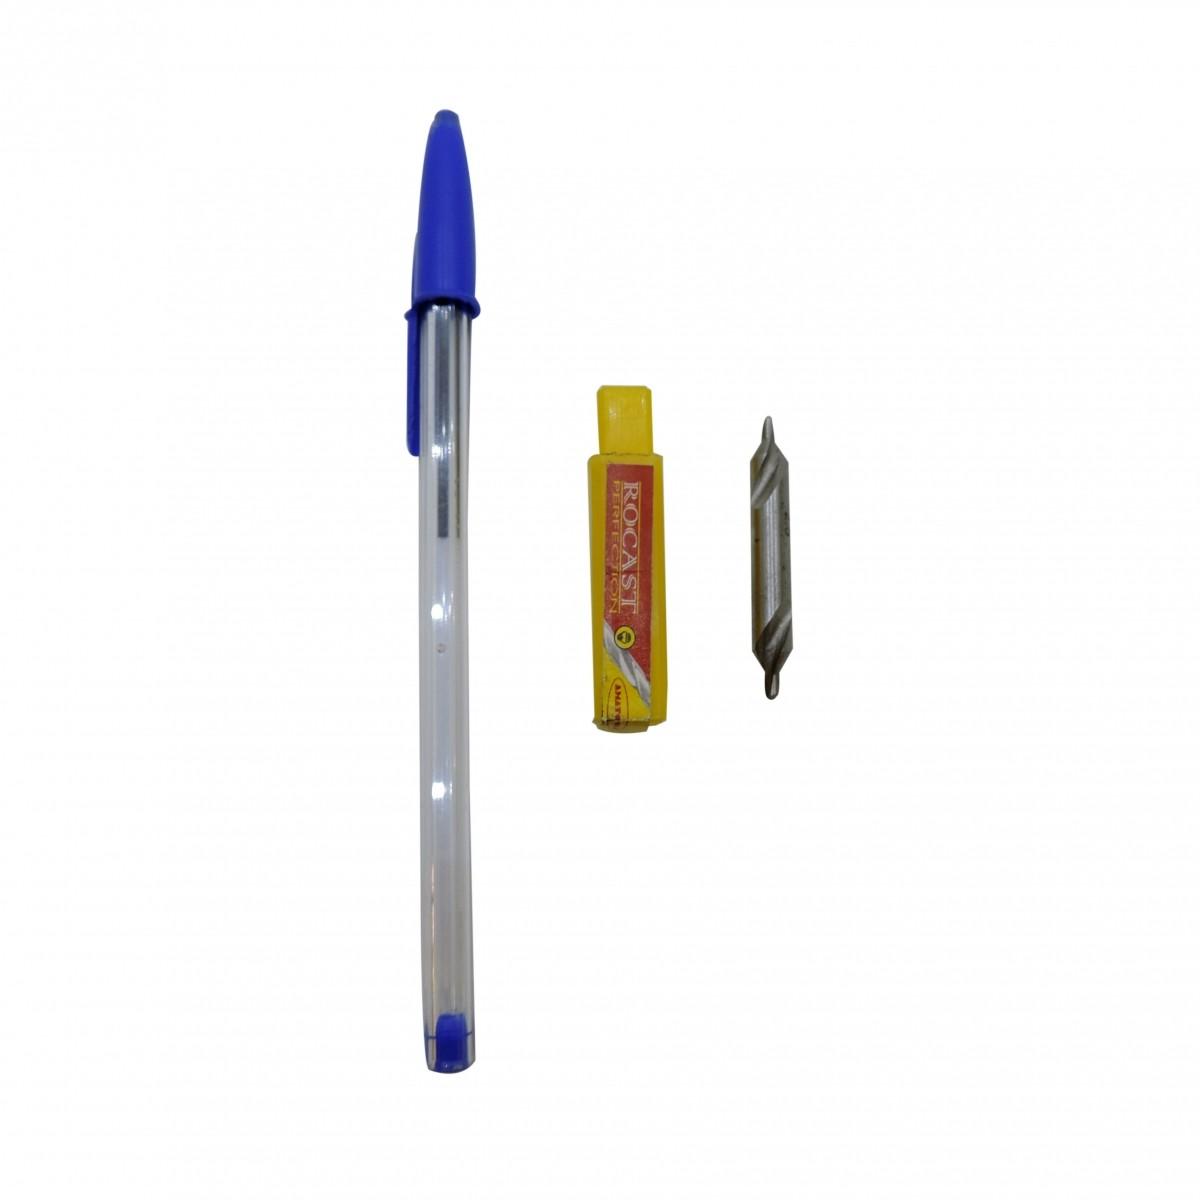 Broca de Centro em Aço Rápido - Rocast - Hss 2,5mm - Bh28